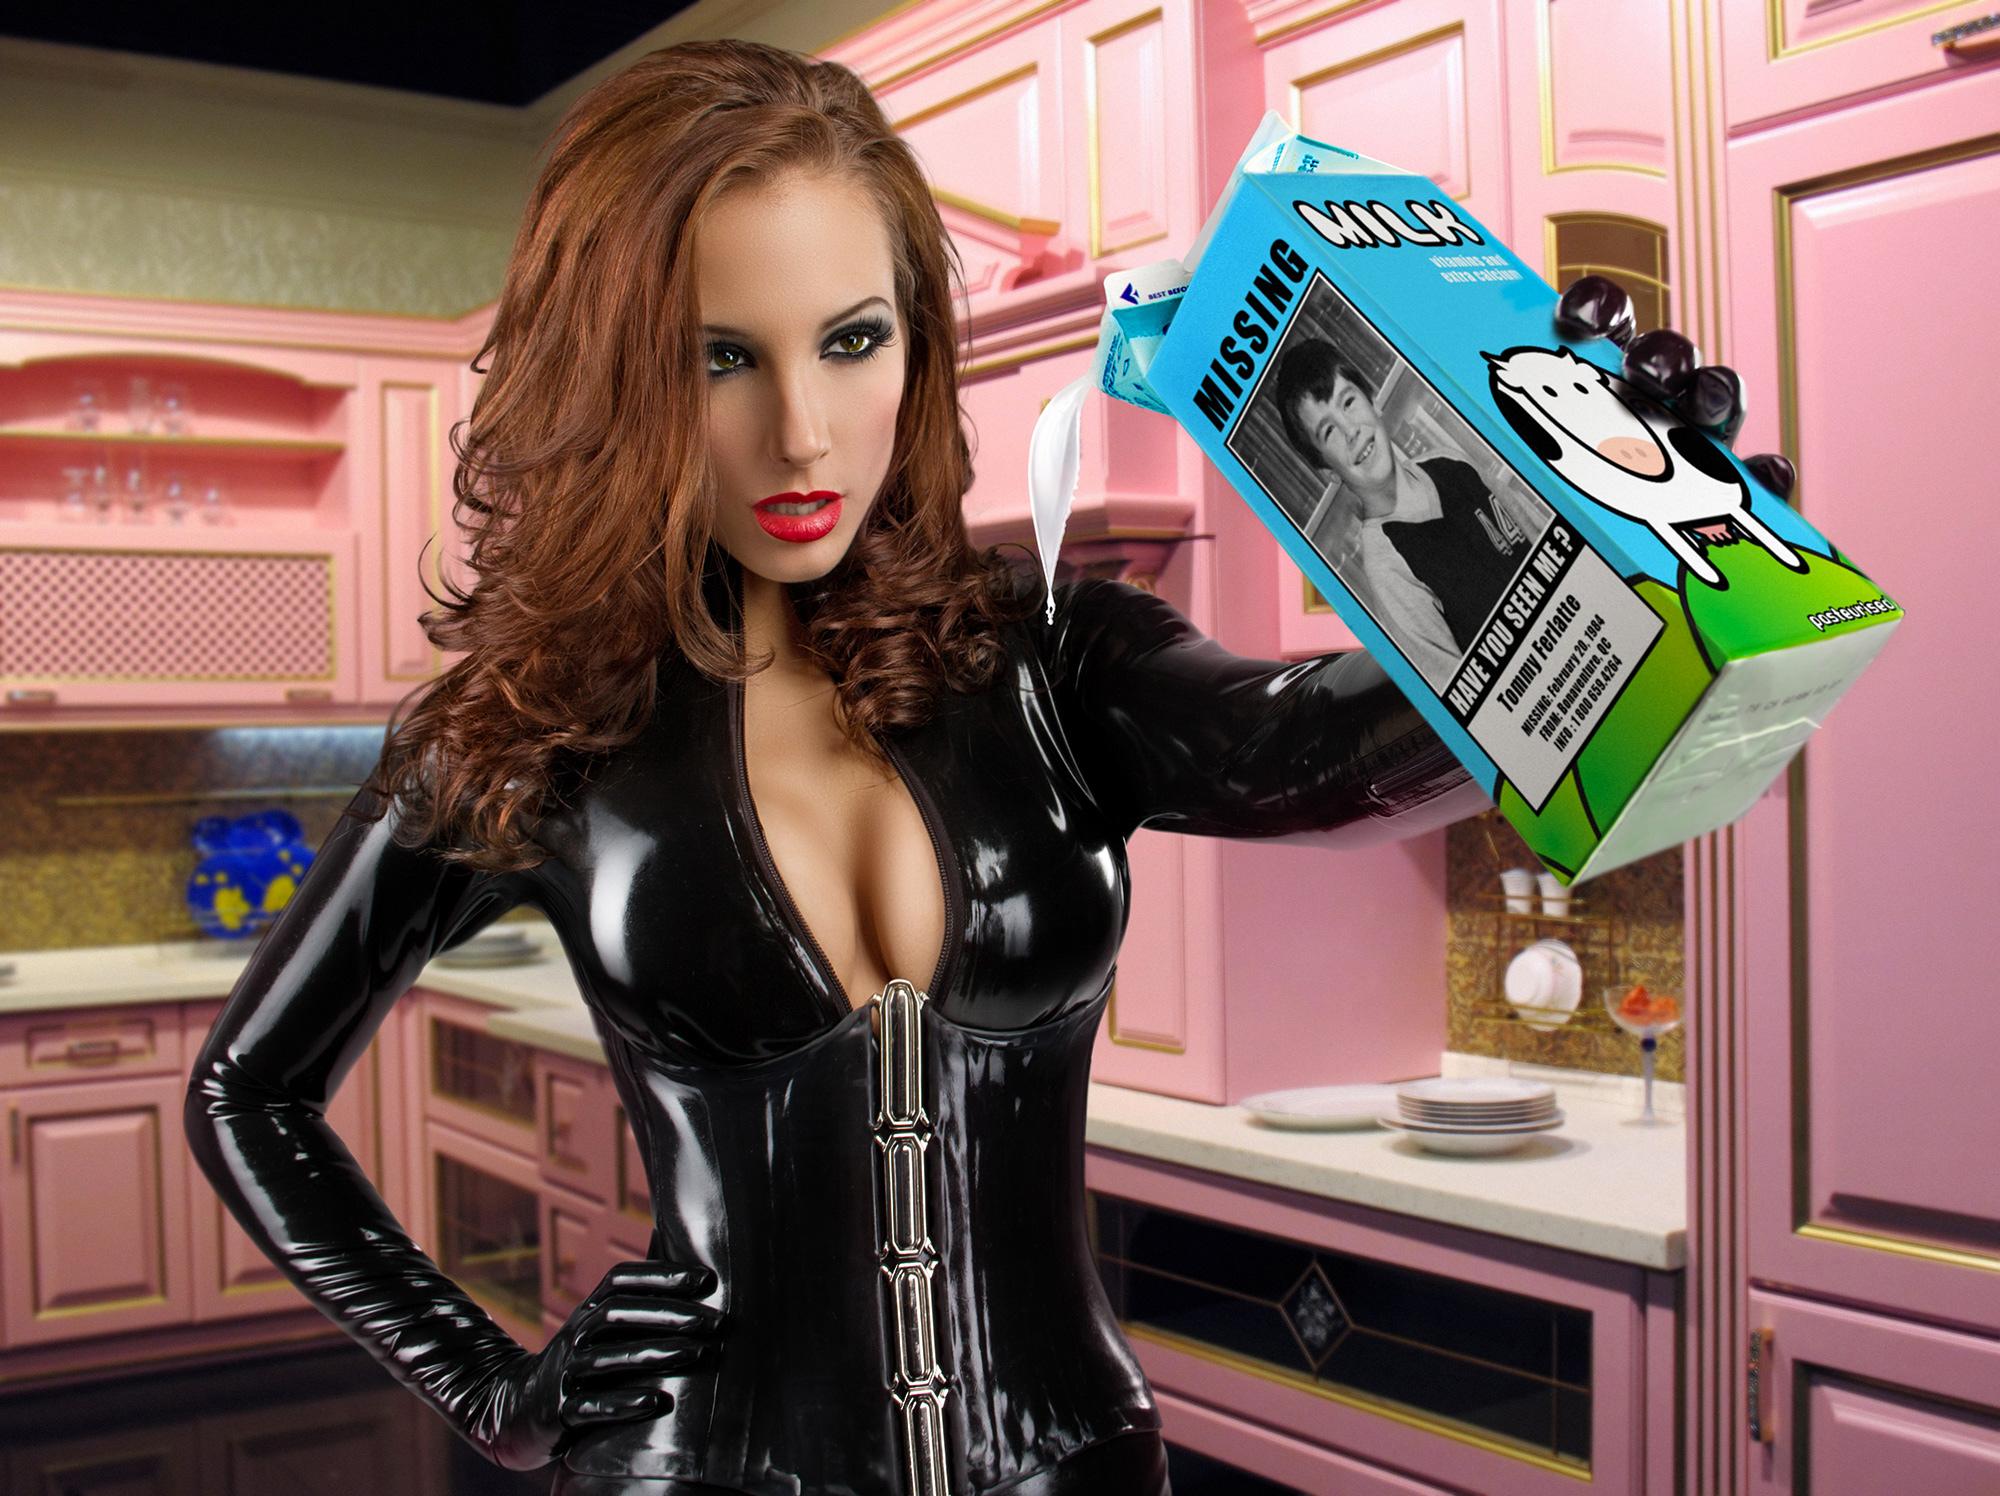 Tommy a sa photo sur une pinte de lait - Catwoman milk